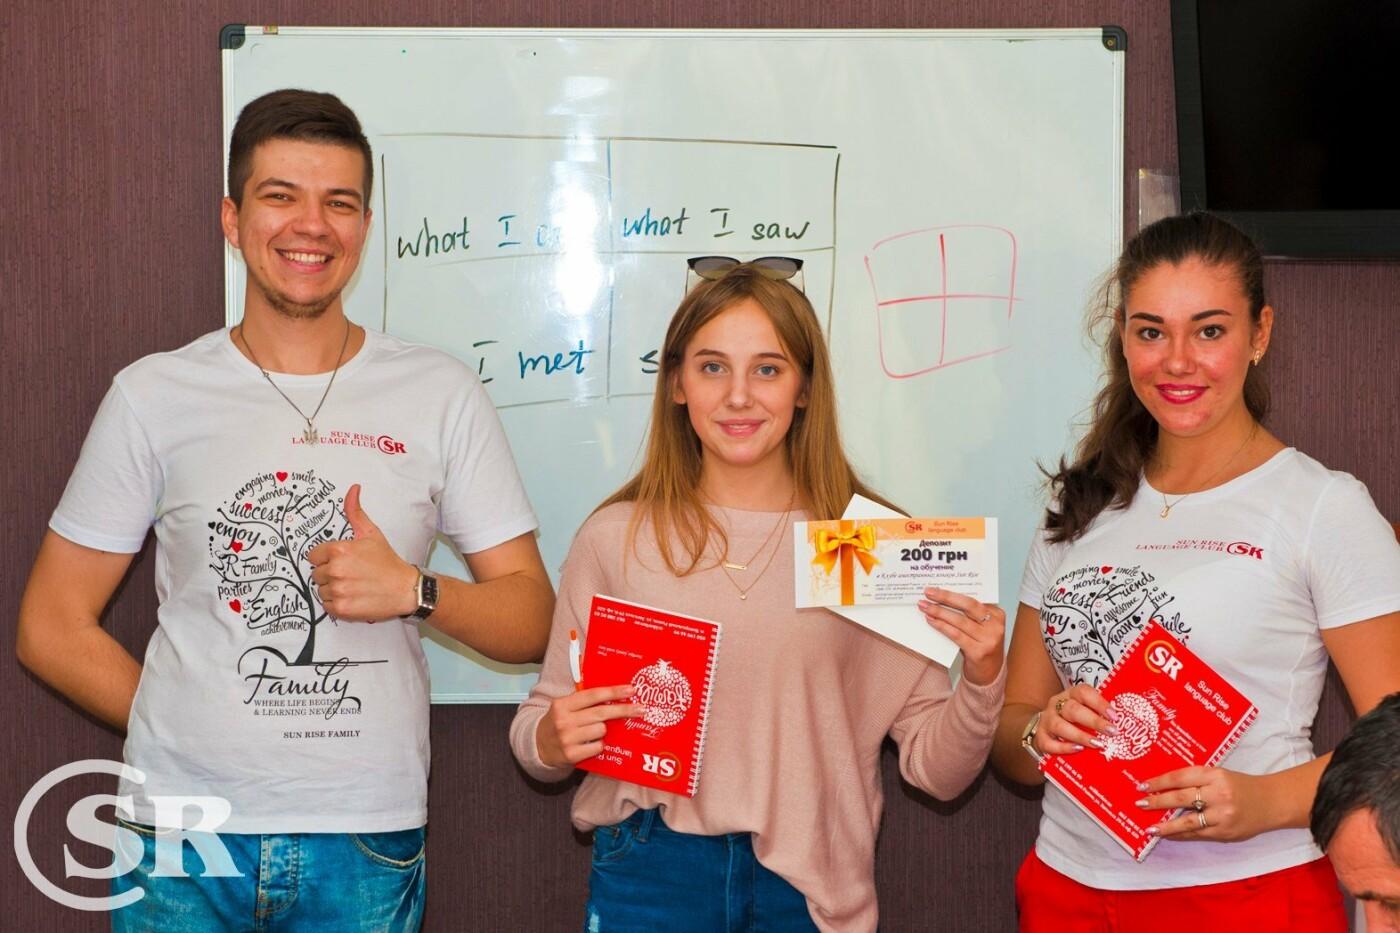 Курсы английского в Харькове для детей и взрослых. Пройди тесты на знание английского, фото-73